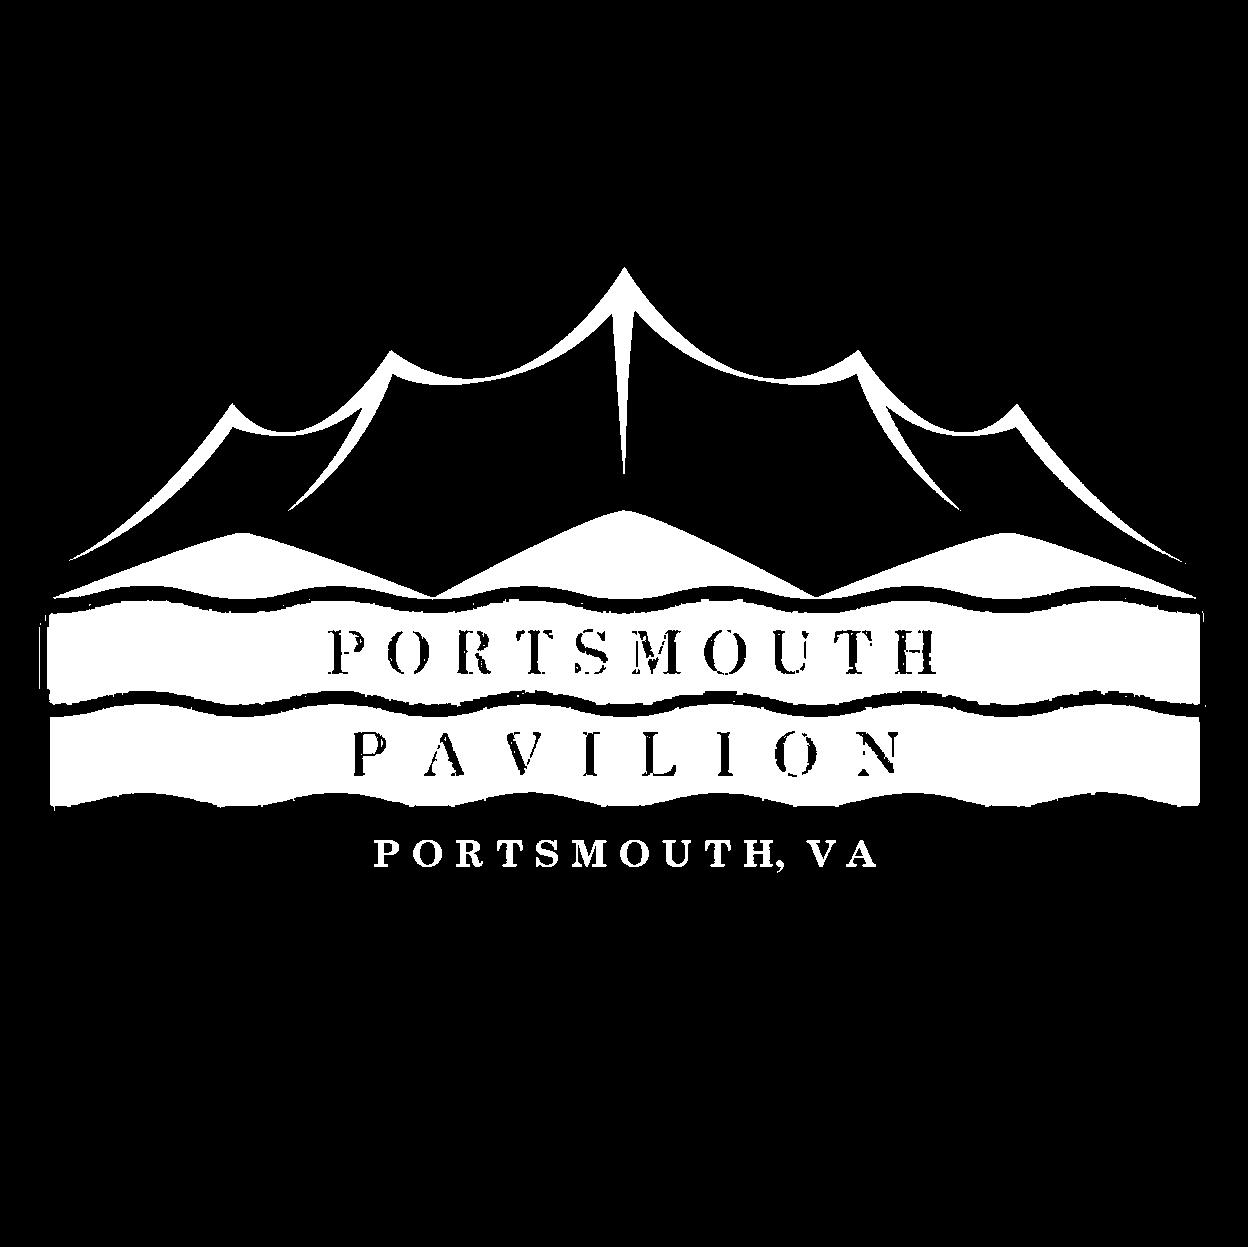 Portsmouthpavilionlogo